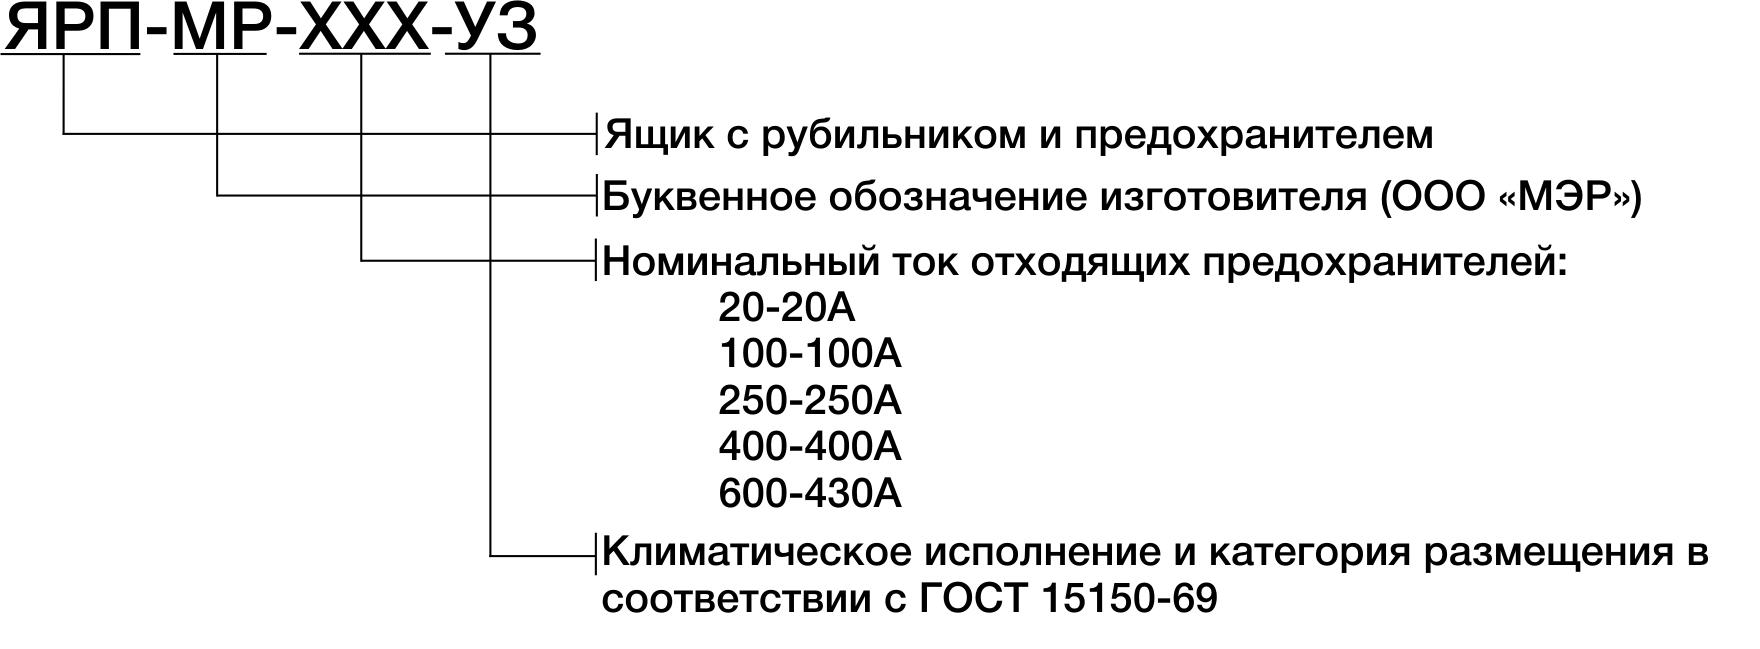 Структура условного обозначения ящиков серии ЯРП-МР